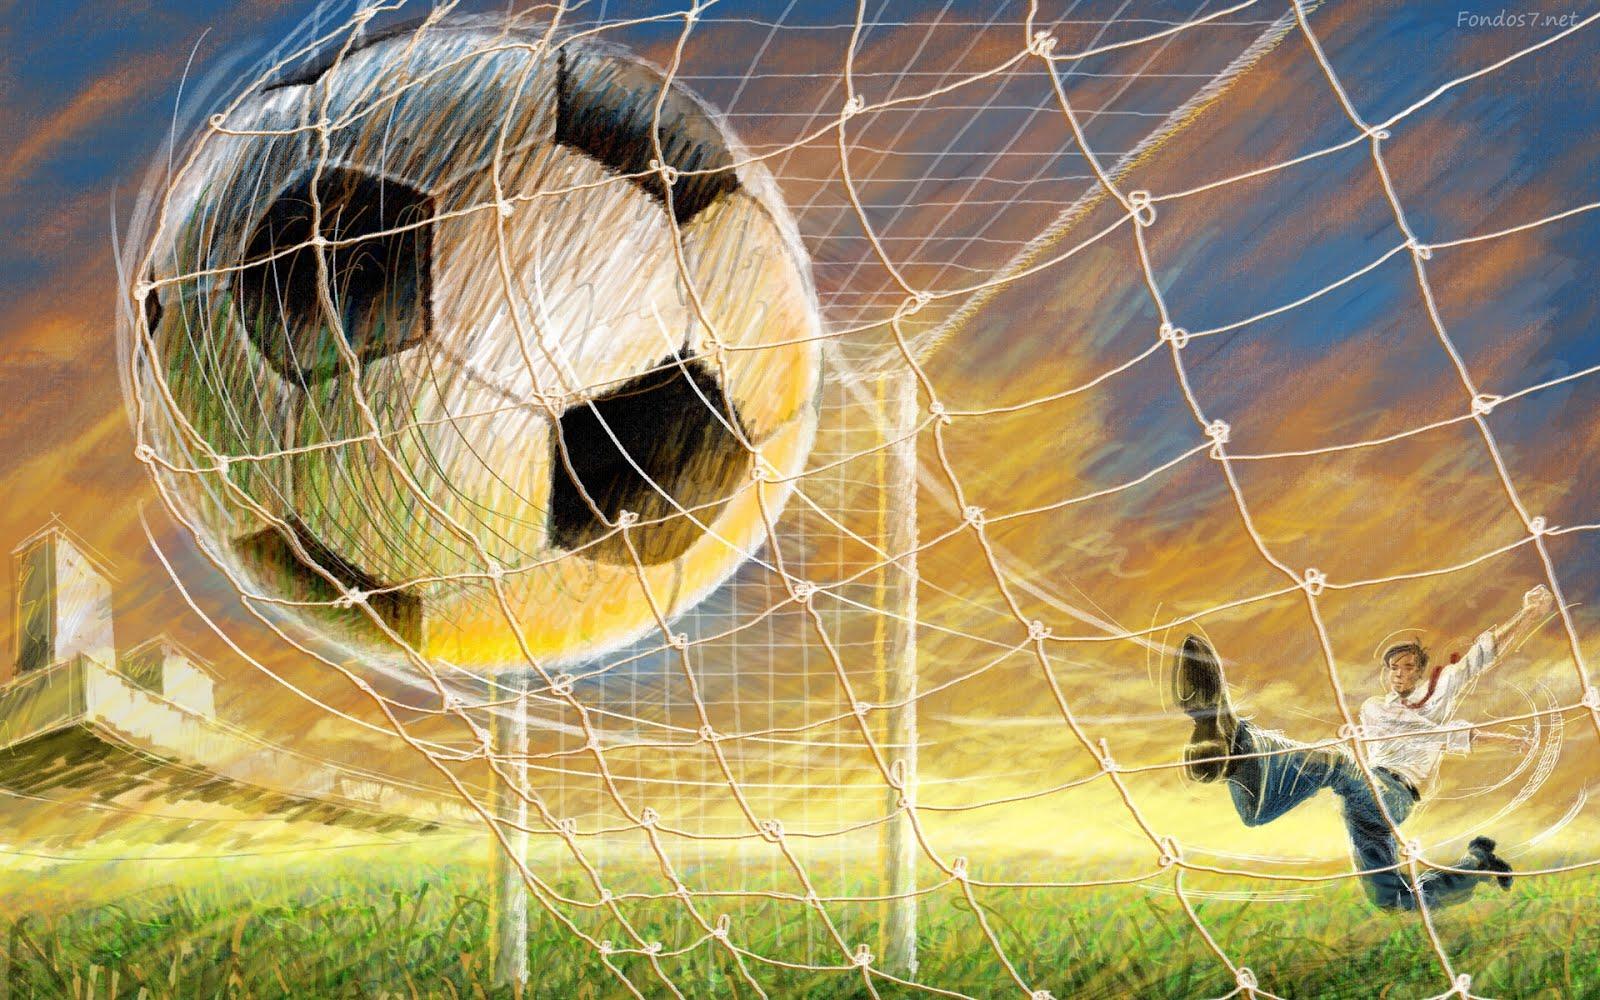 Que viva el fútbol